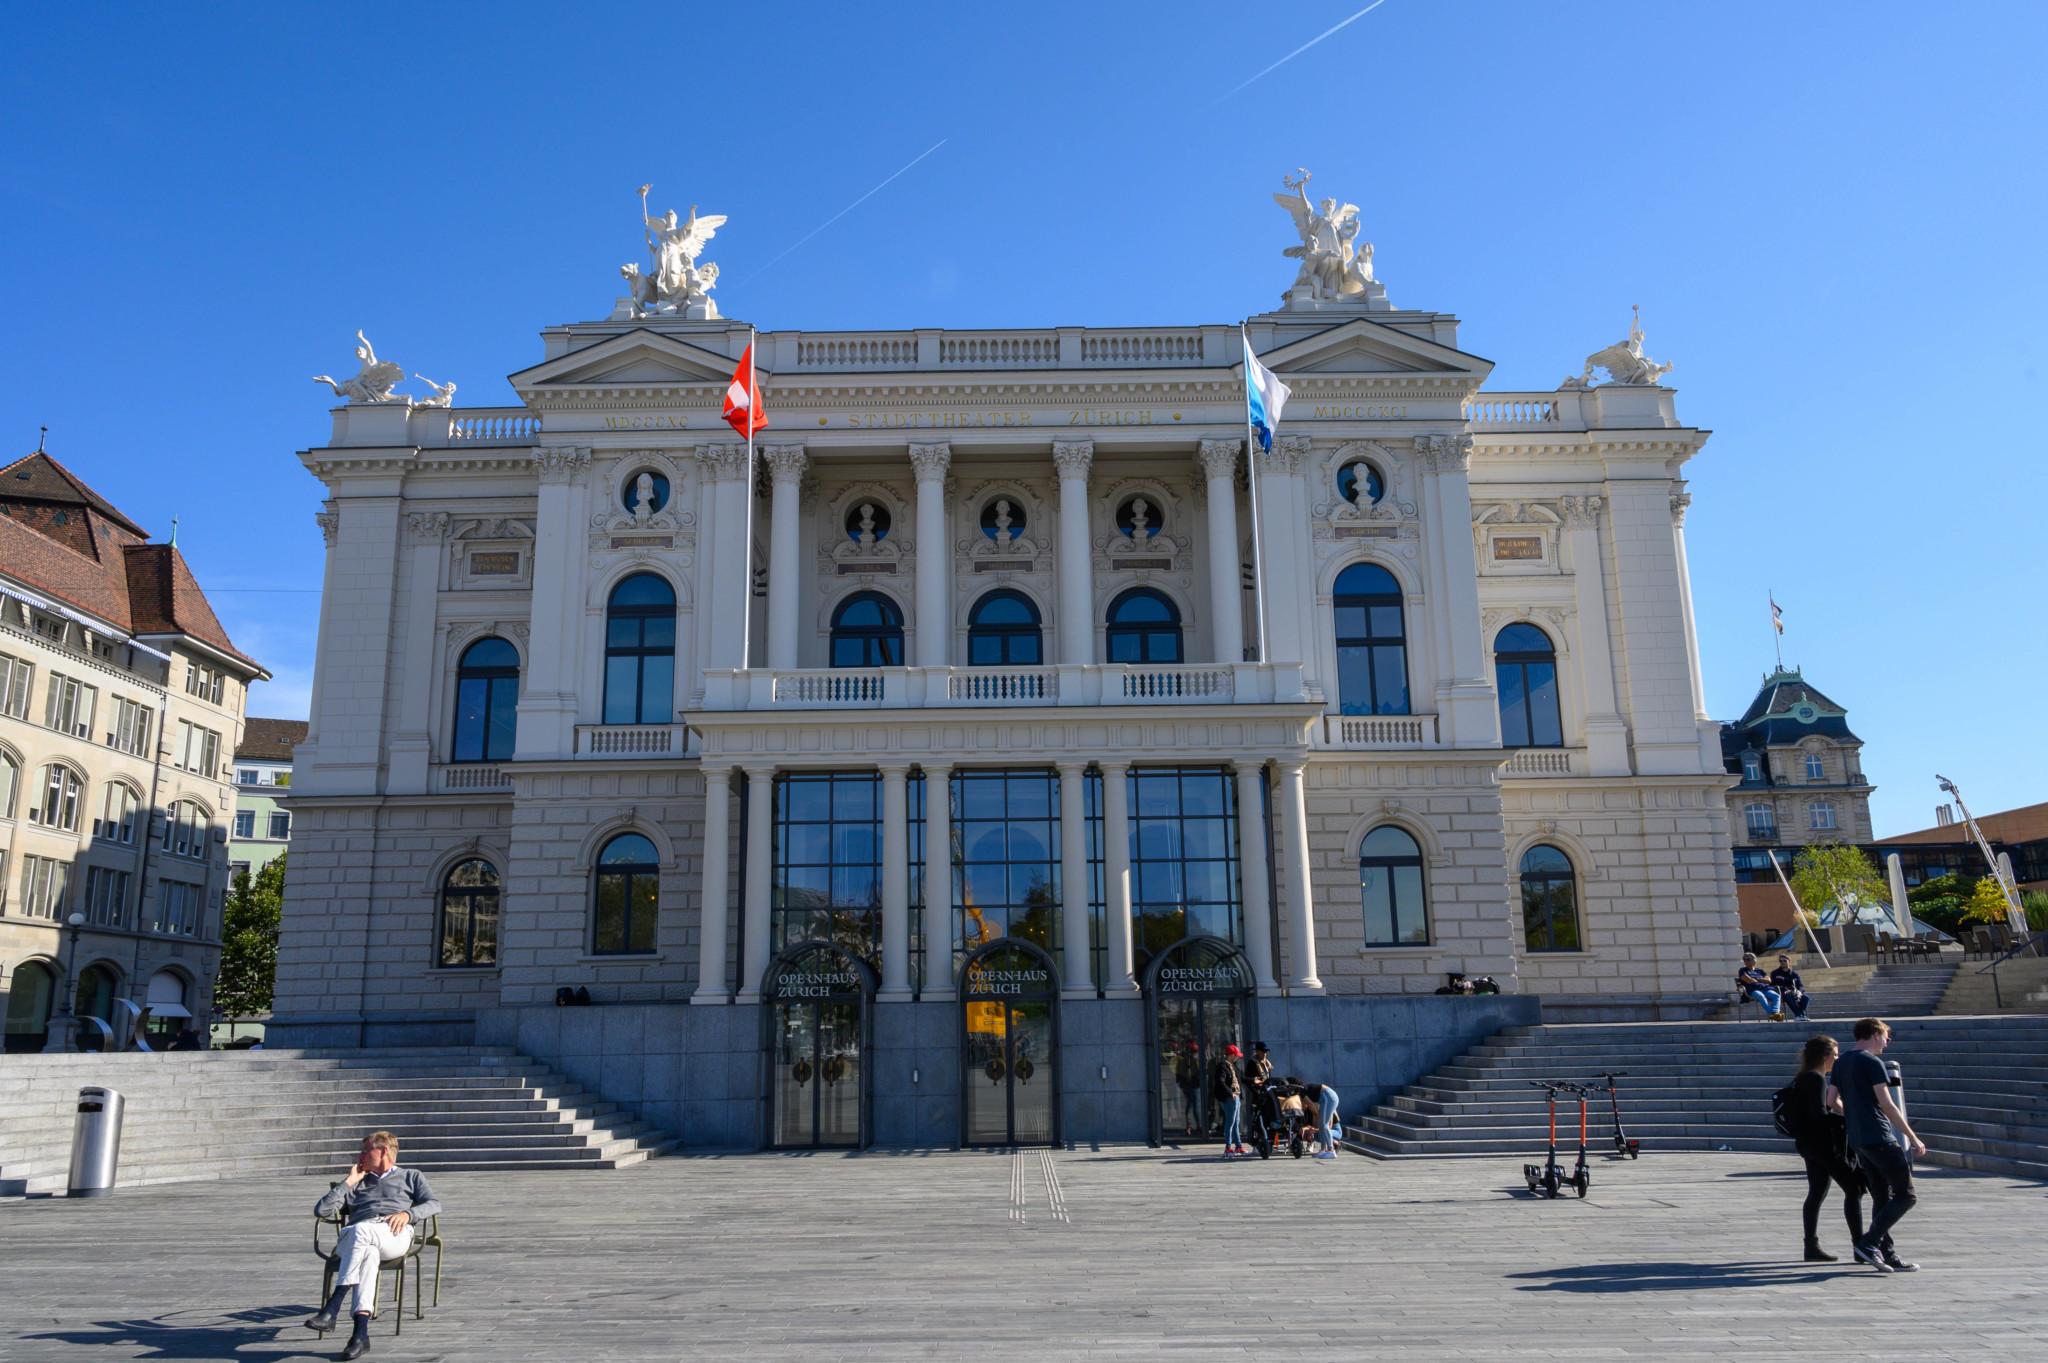 Zu den Zürich Sehenswürdigkeiten zählt auch das Opernhaus